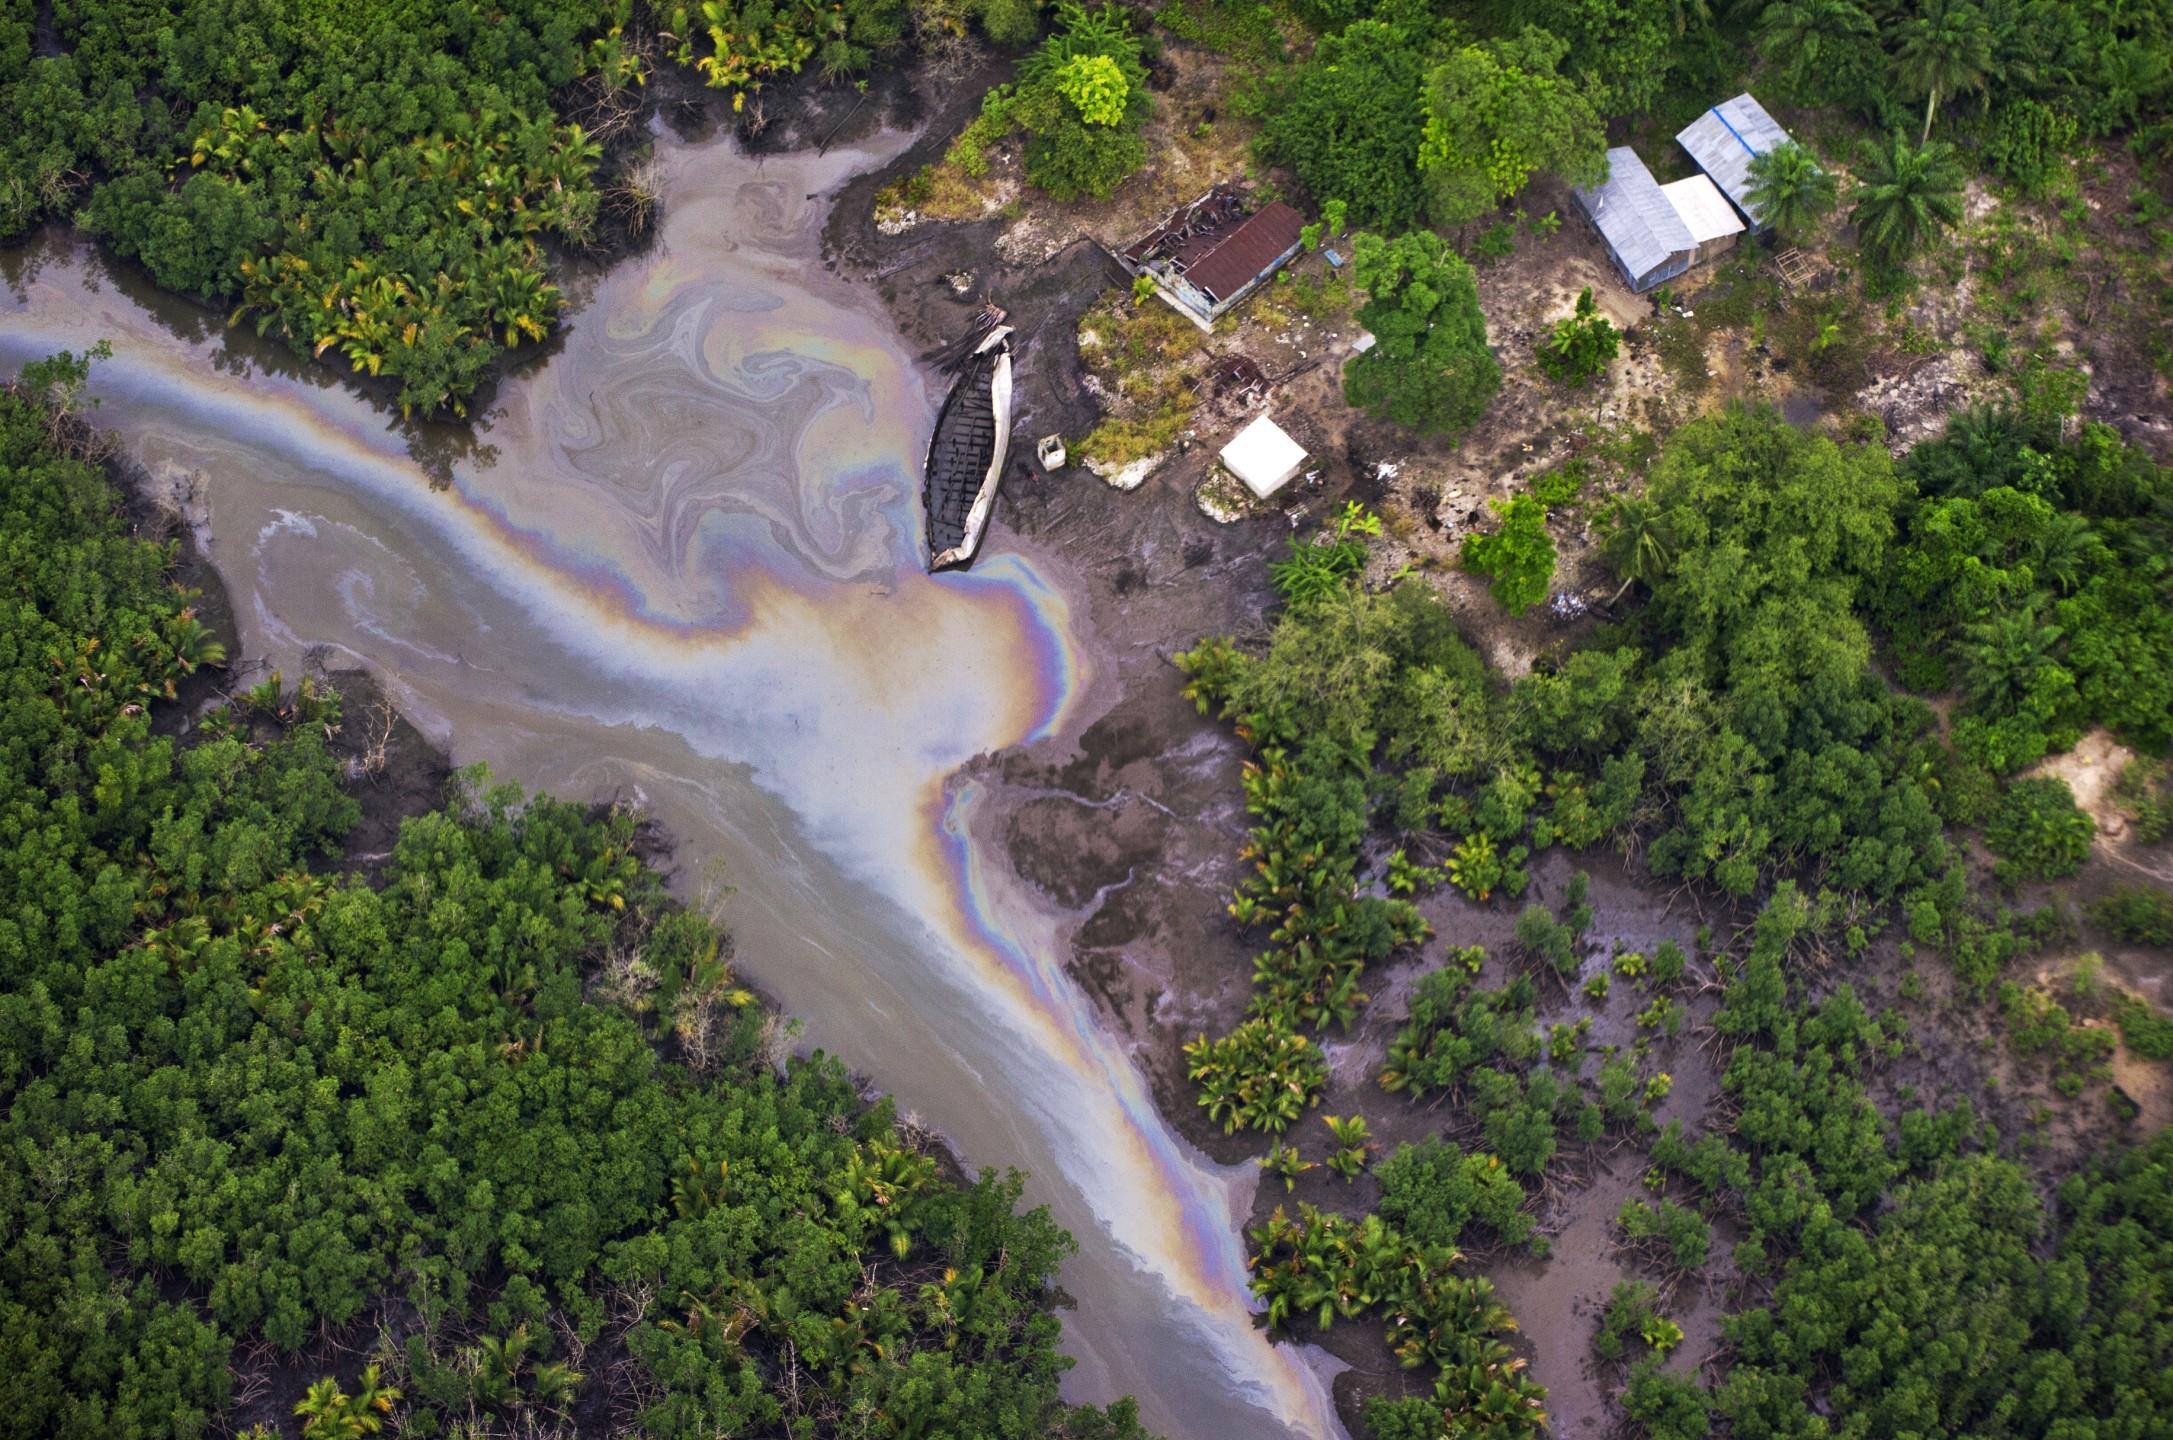 Luchtfoto van de met olie vervuilde Nigerdelta in Nigeria. Shell wordt hard aangepakt in een nieuw rapport van Amnesty International.